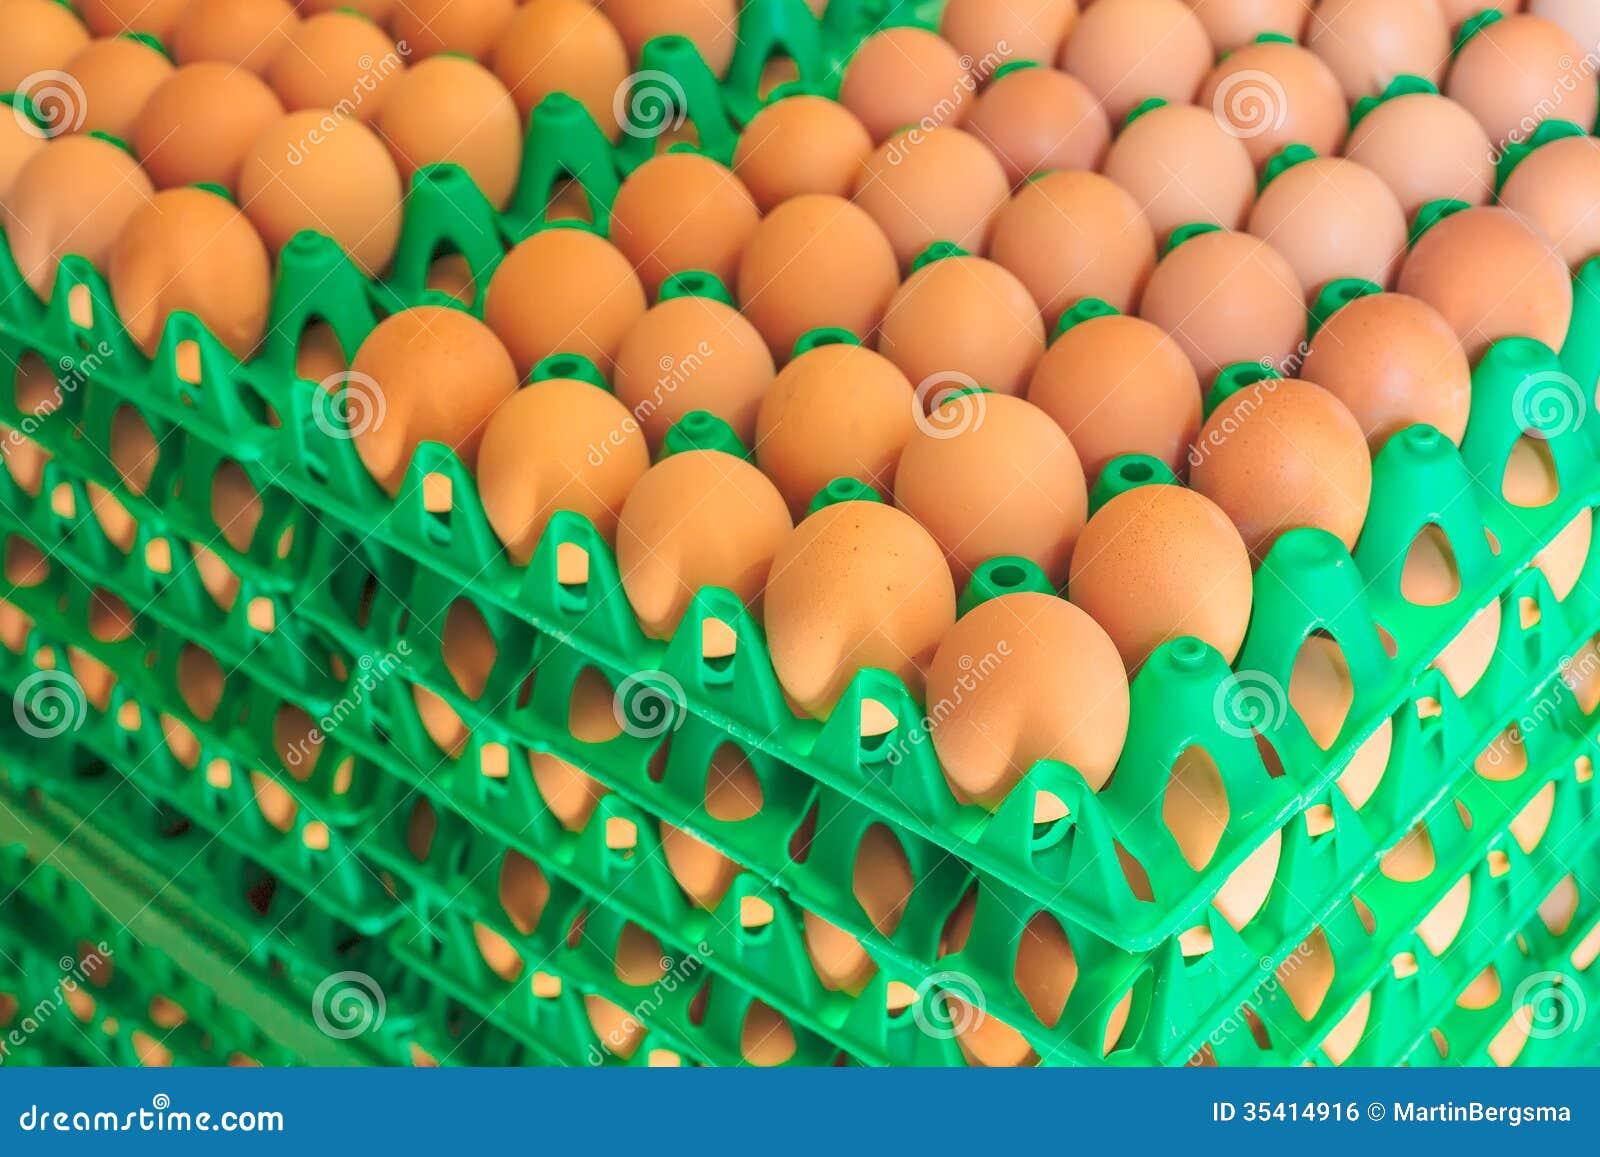 Kratten met verse eieren op een organisch kippenlandbouwbedrijf